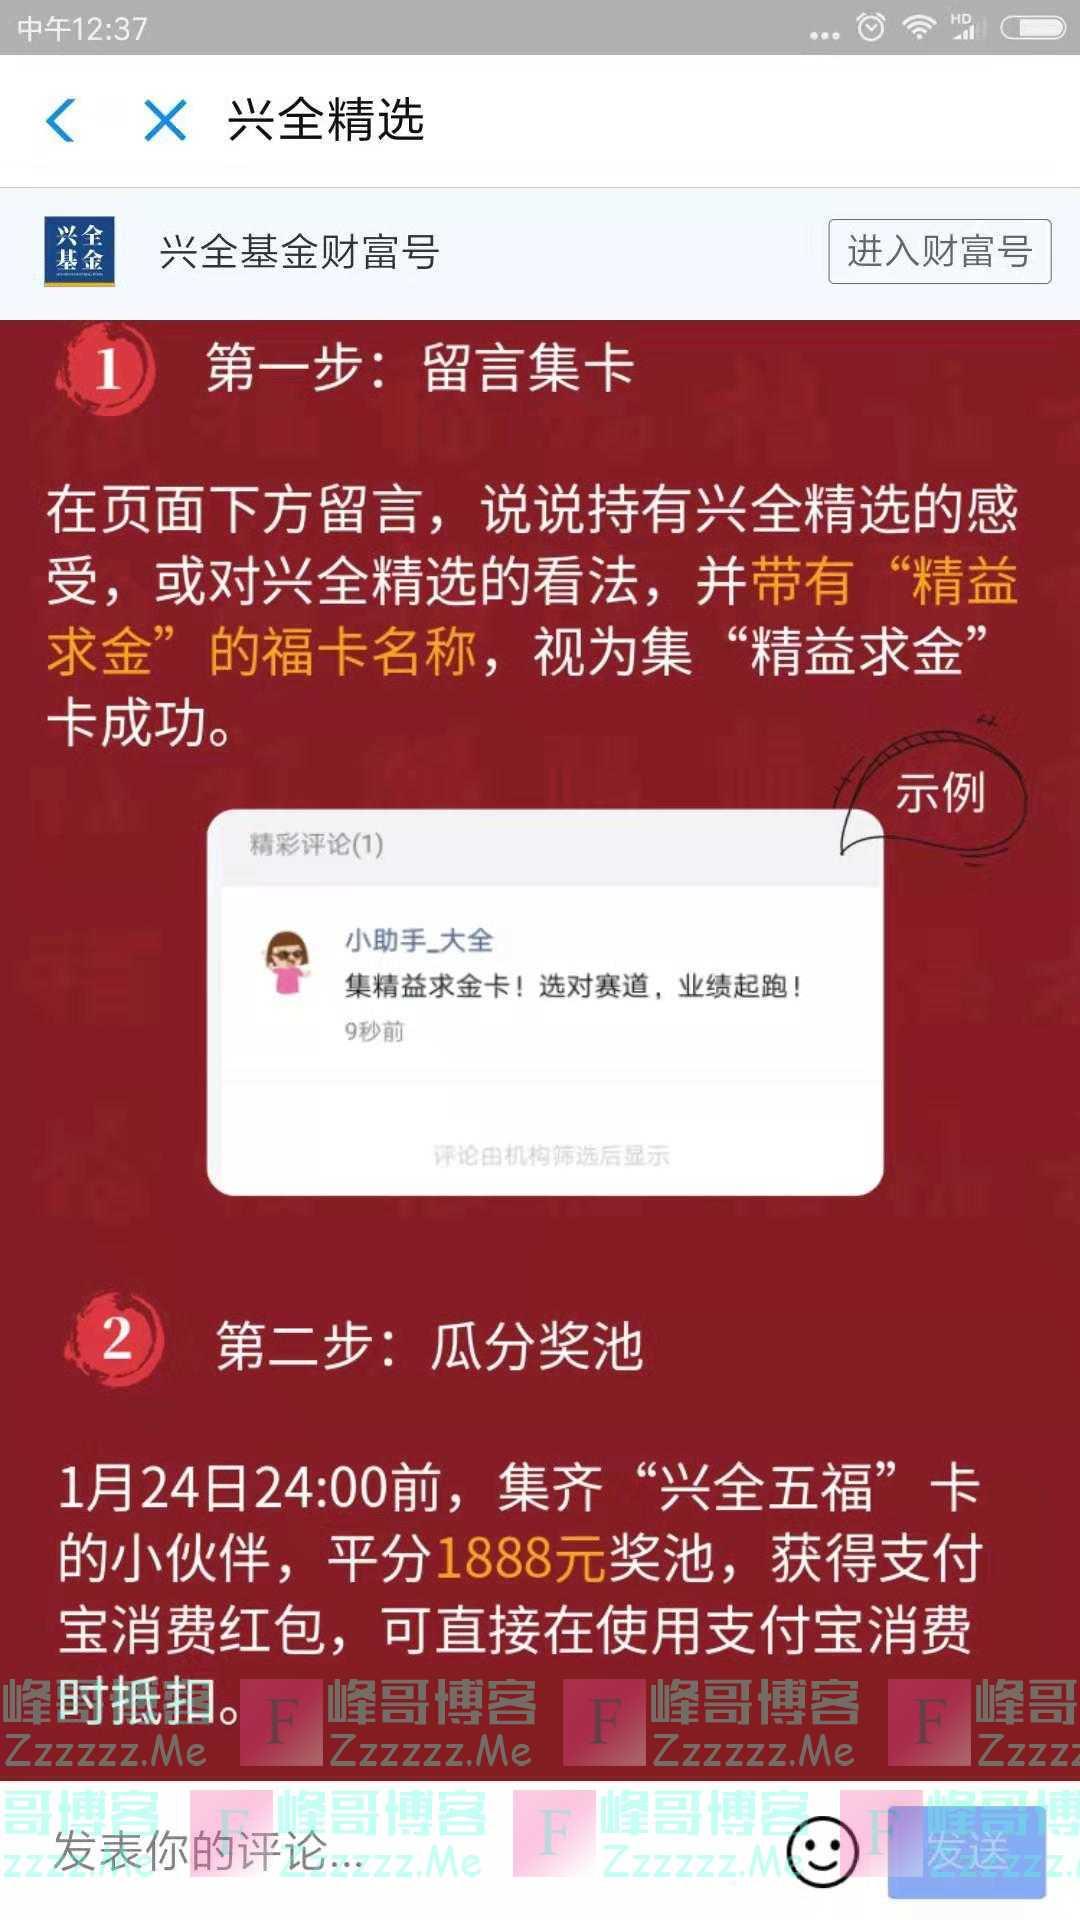 兴全基金集福卡平分1888元(截止1月24日)